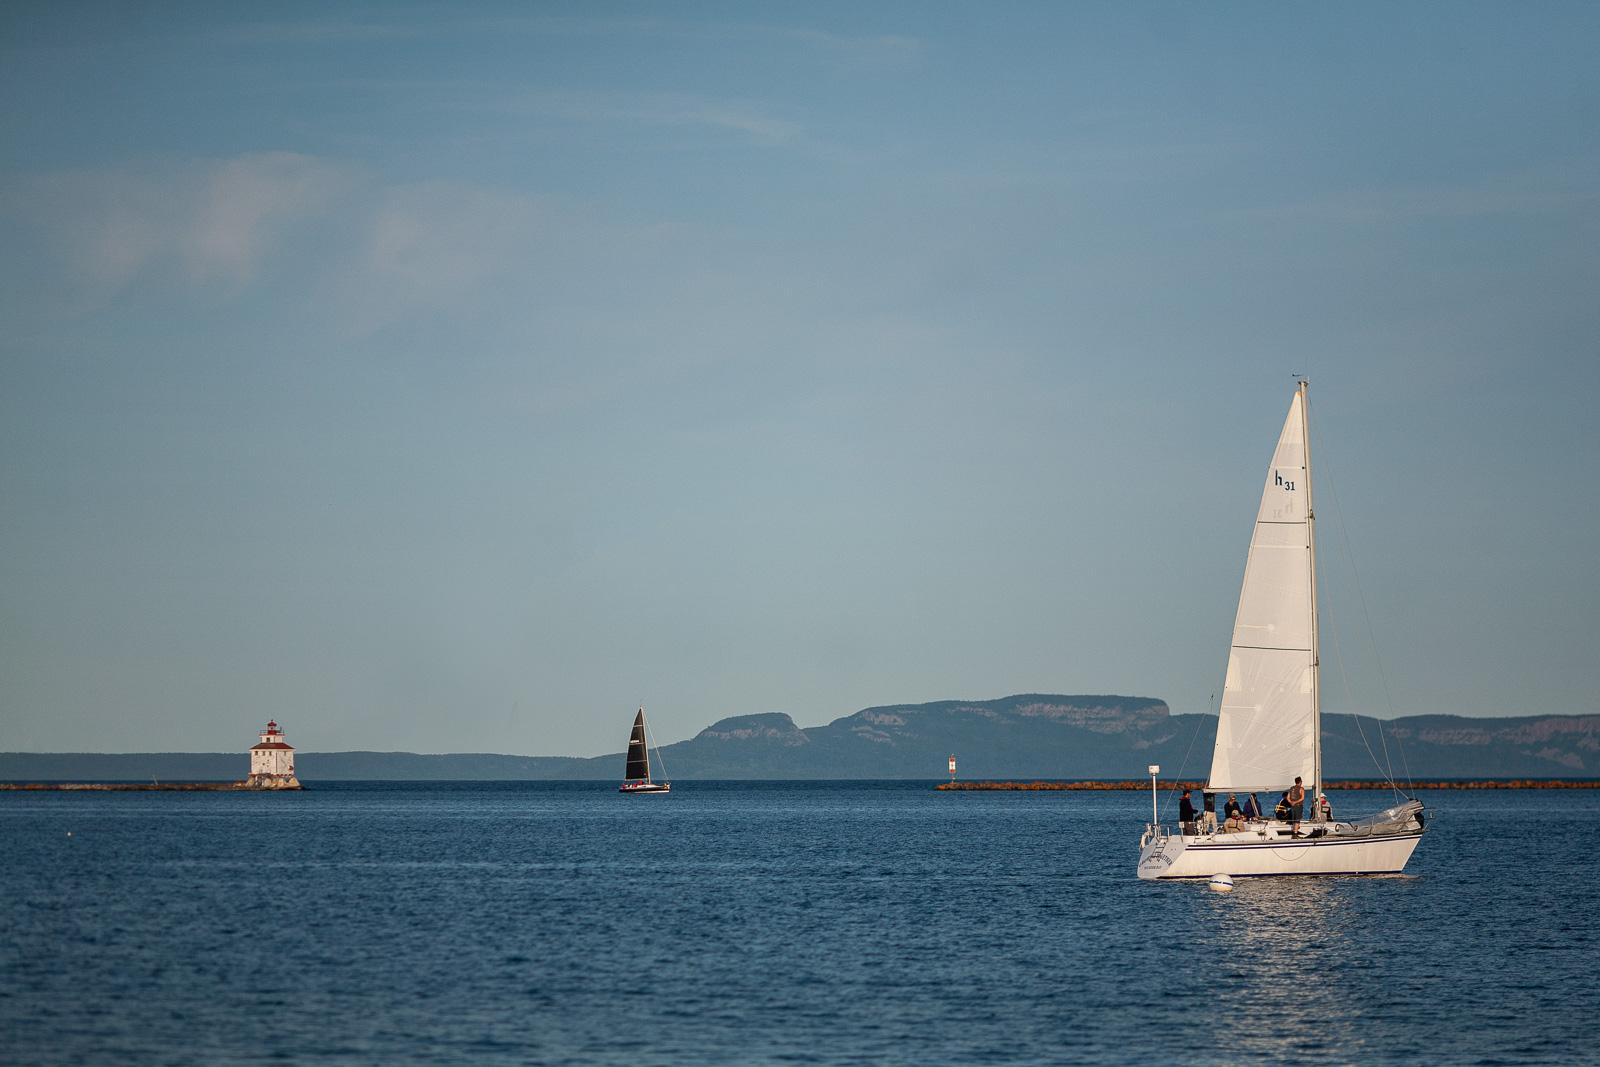 evening-at-marina-blog-48.jpg